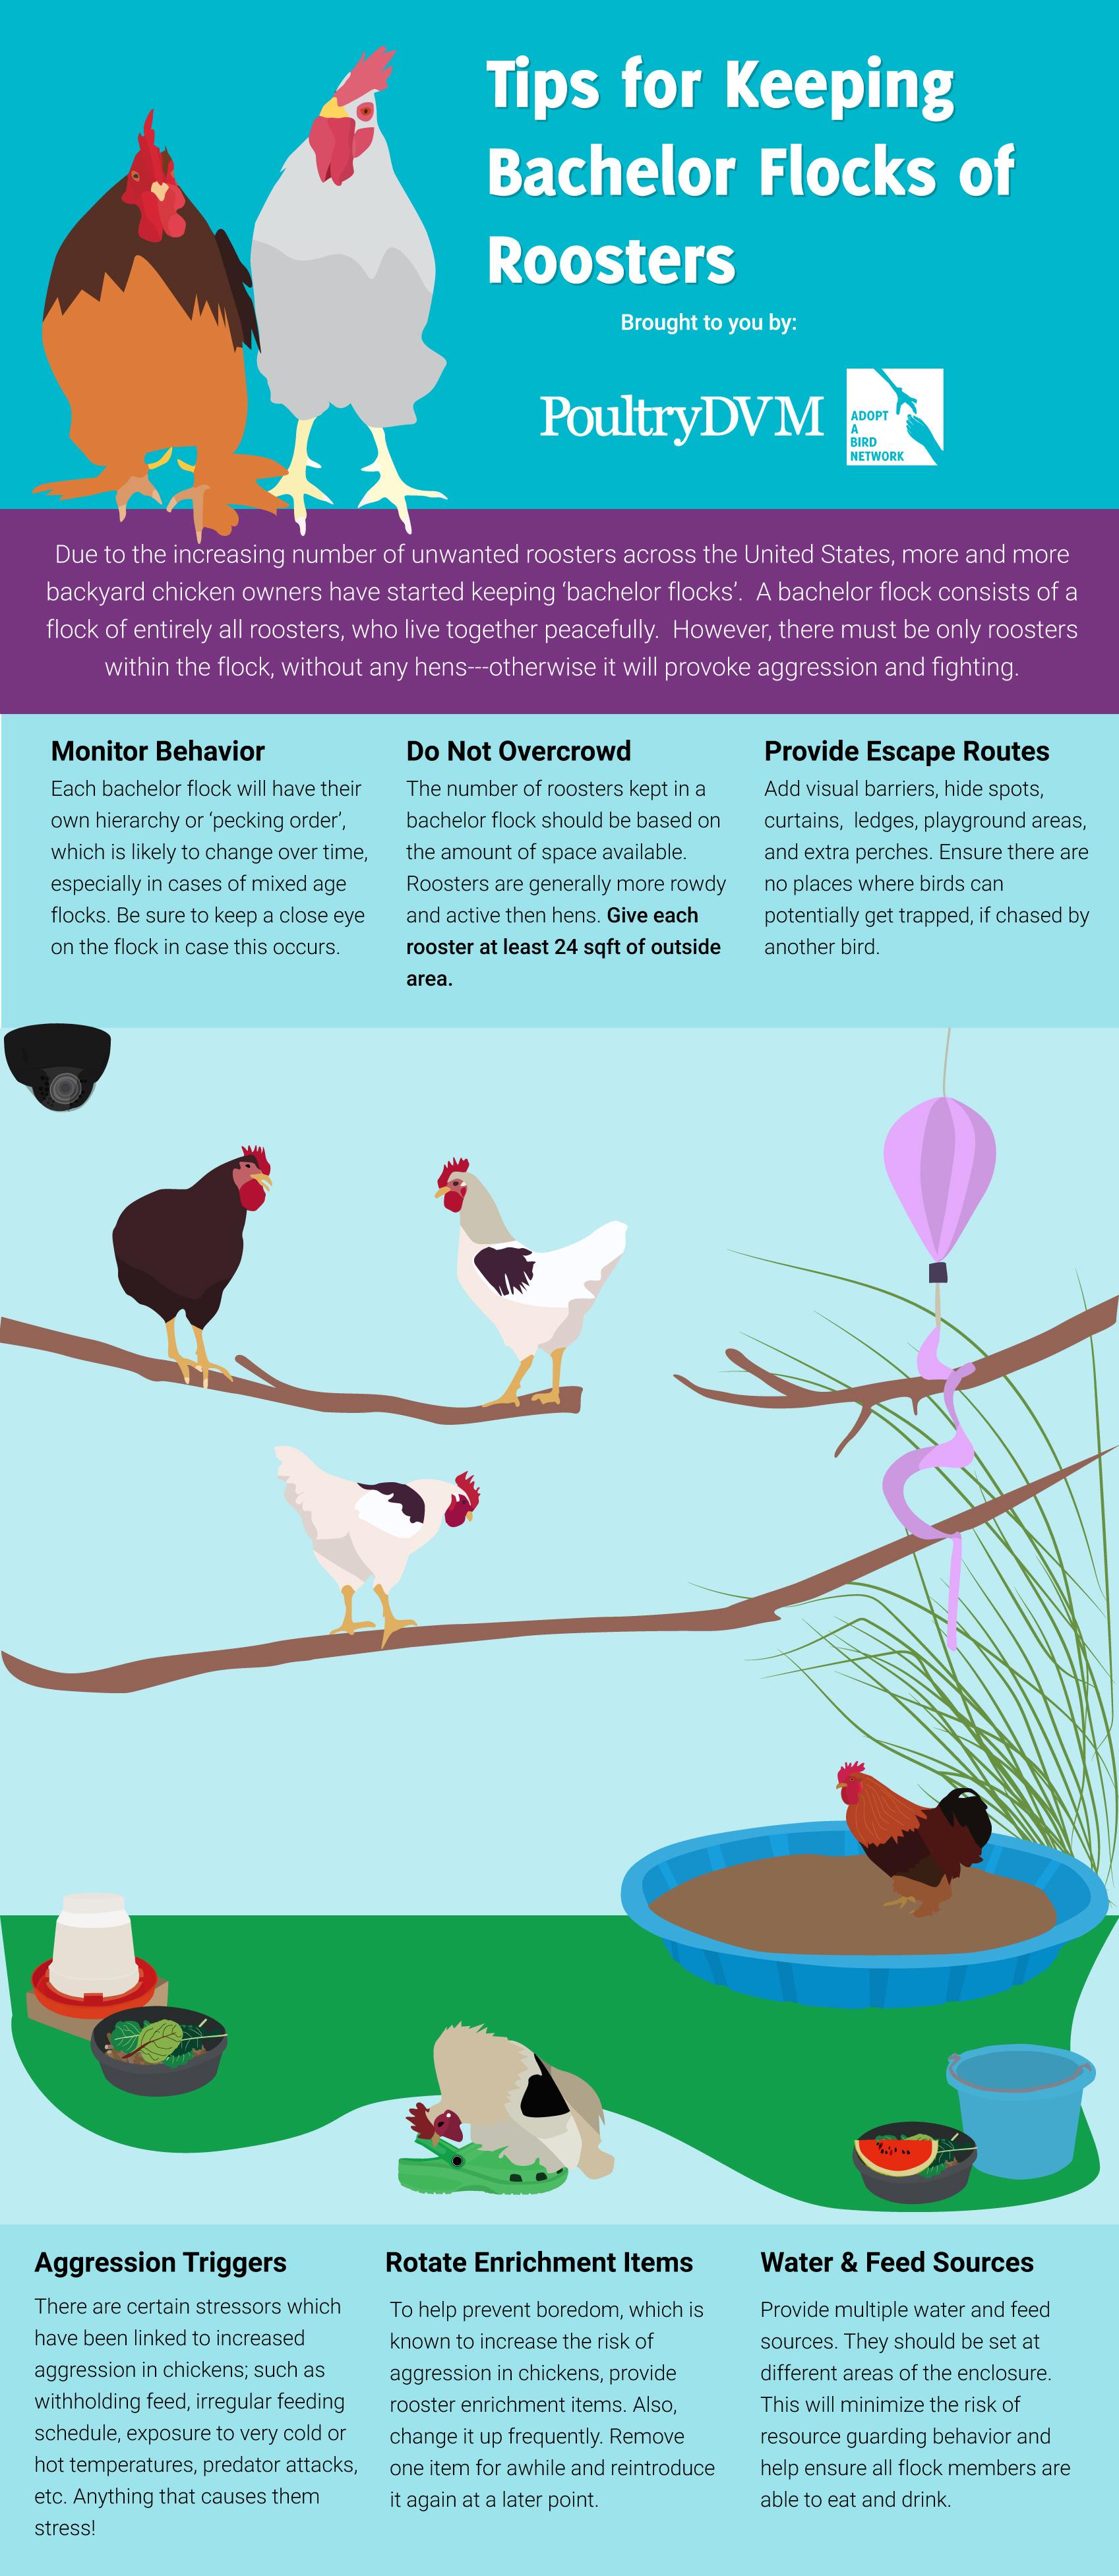 PoultryDVM - Tips for Keeping Bachelor Flocks